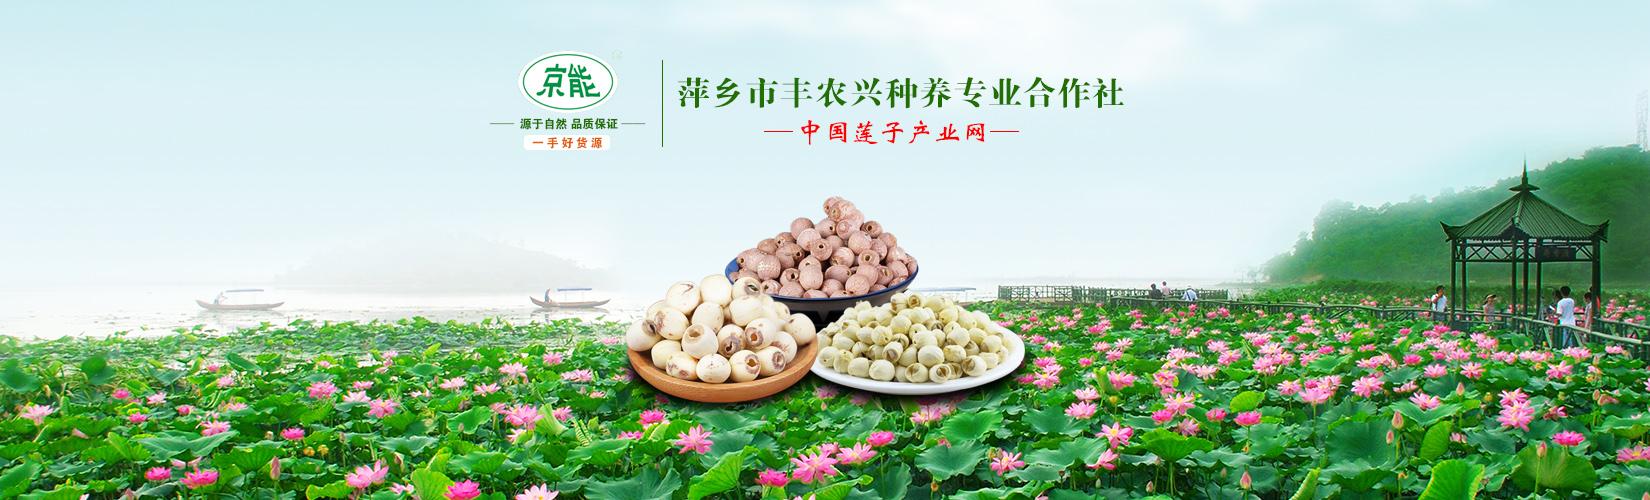 中国莲子产业网金牌